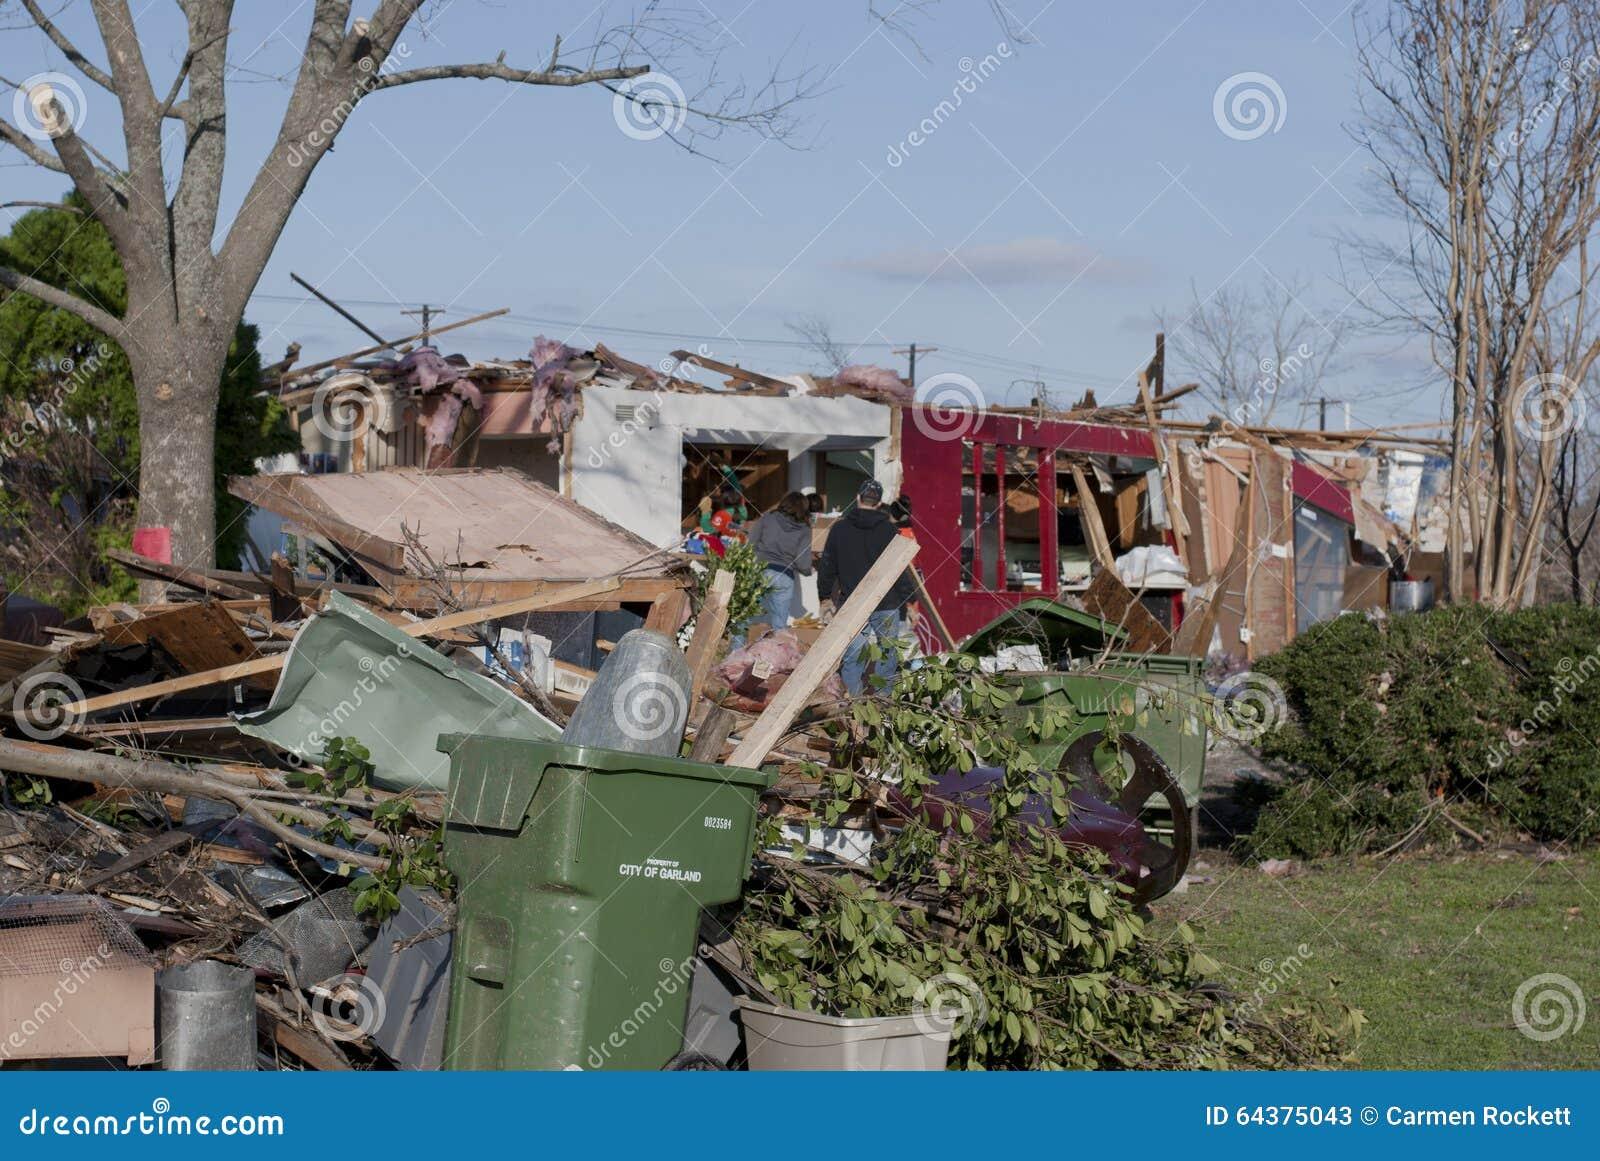 Tornado Damage to Brick Home